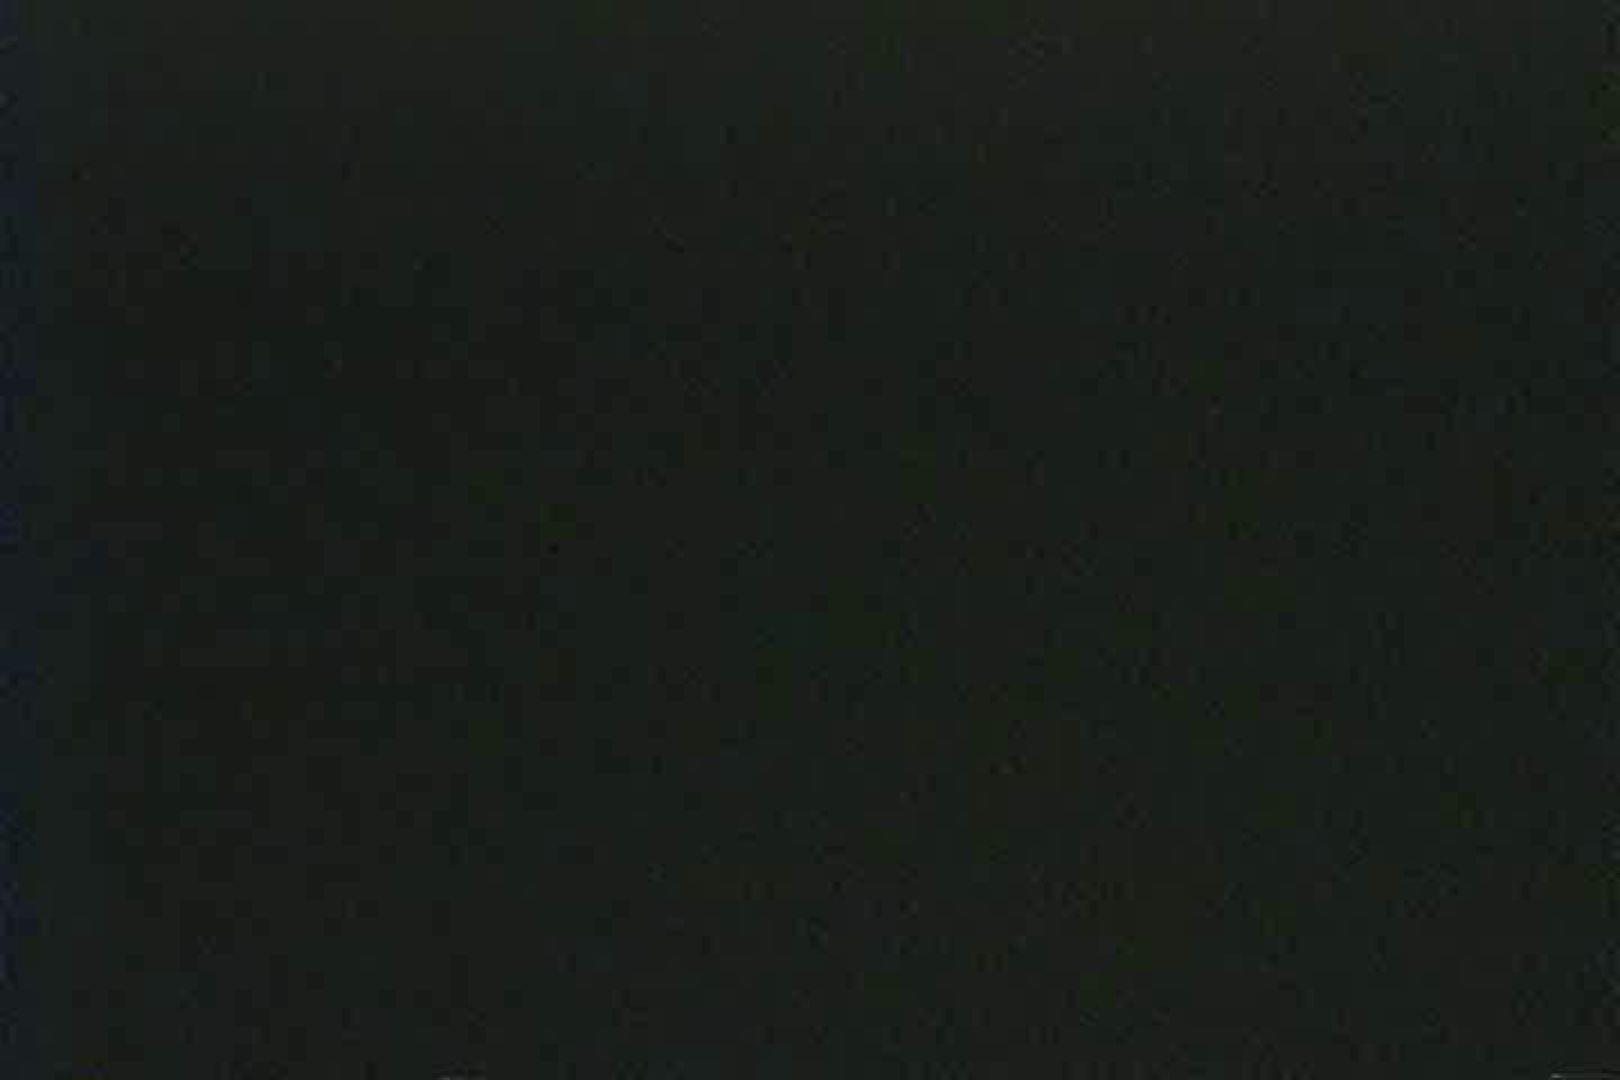 WAC 女子寮Vol.3 女子風呂盗撮 | 女子寮  97画像 67